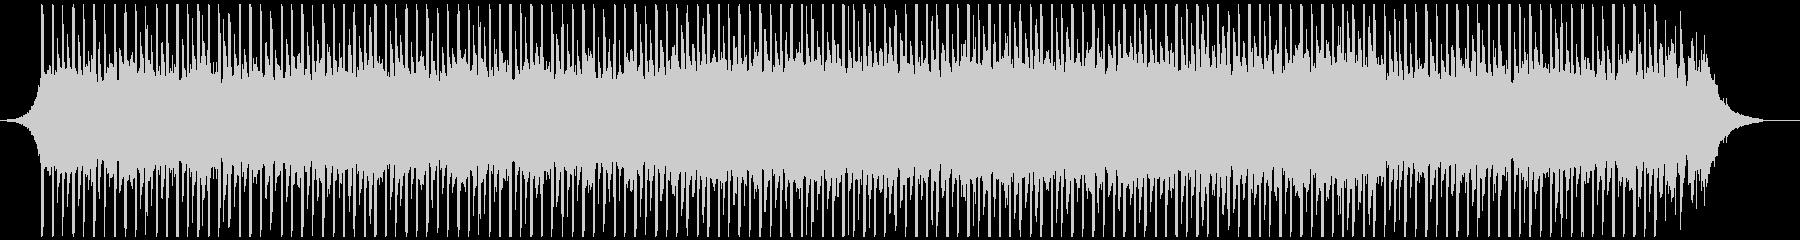 モダンコーポレート(90秒)の未再生の波形